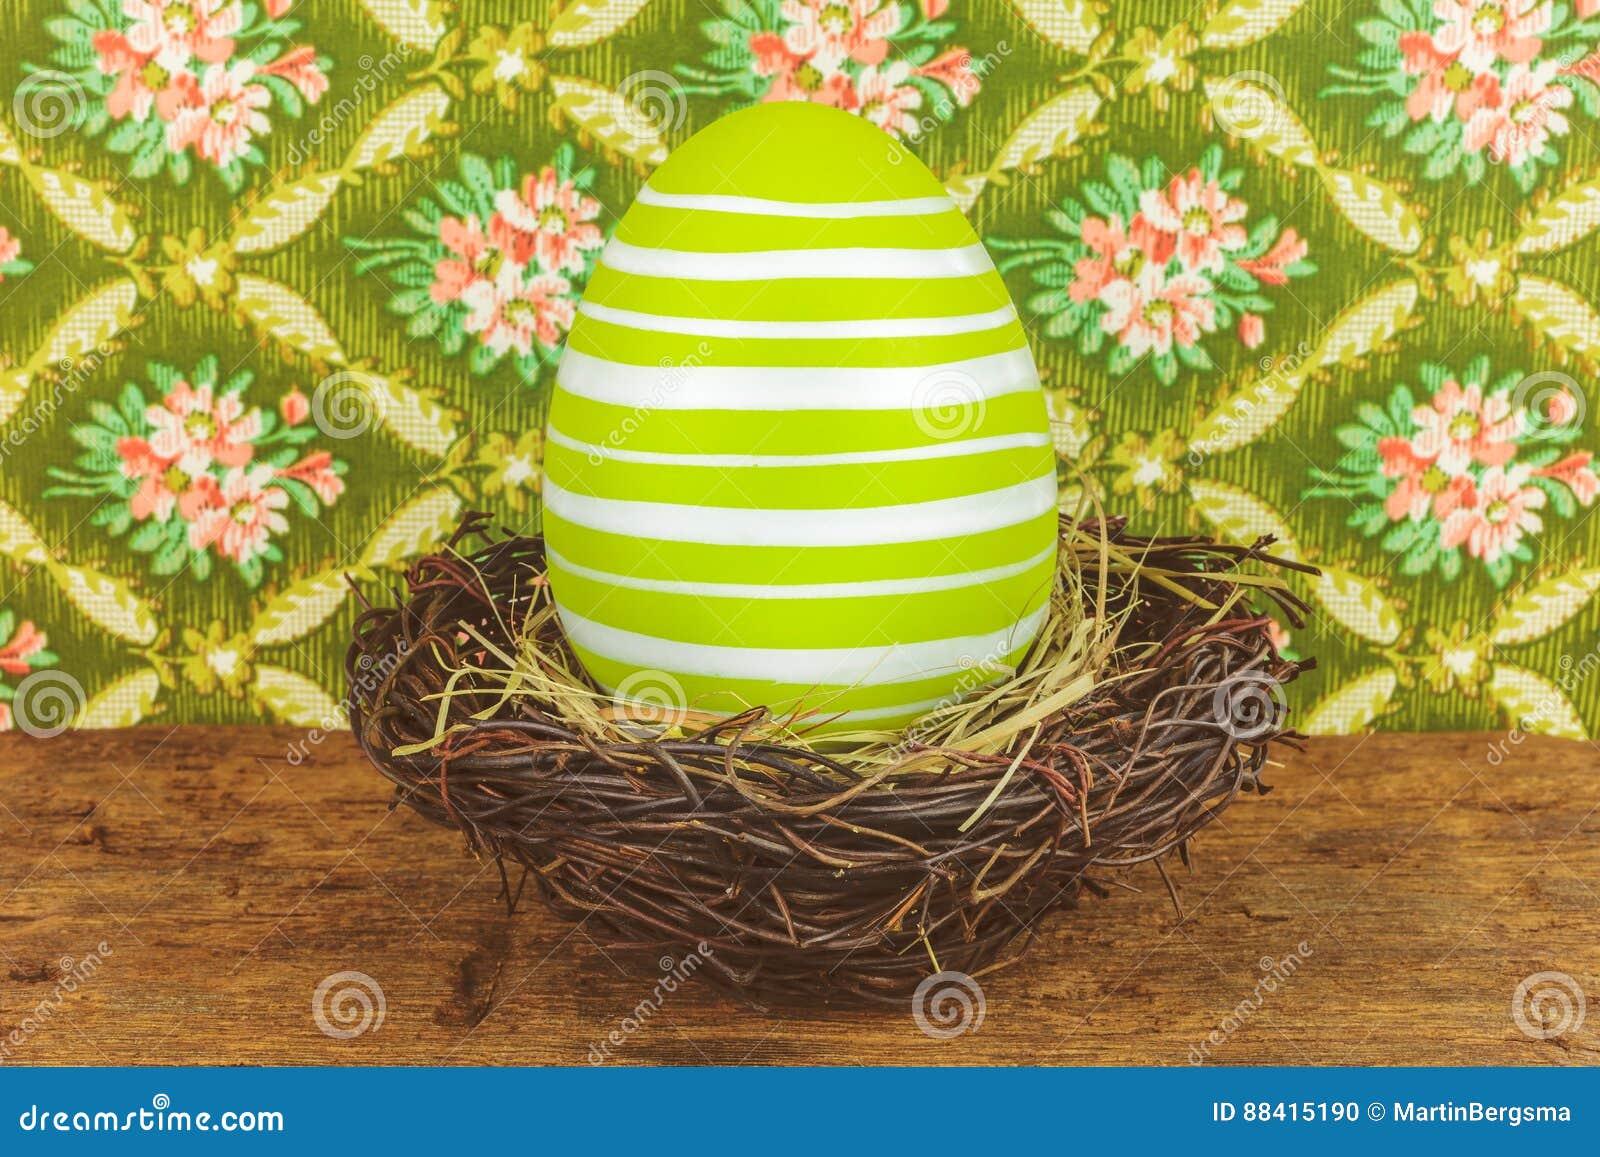 Groen geverft groot paasei in een vogelnest op een houten lijst